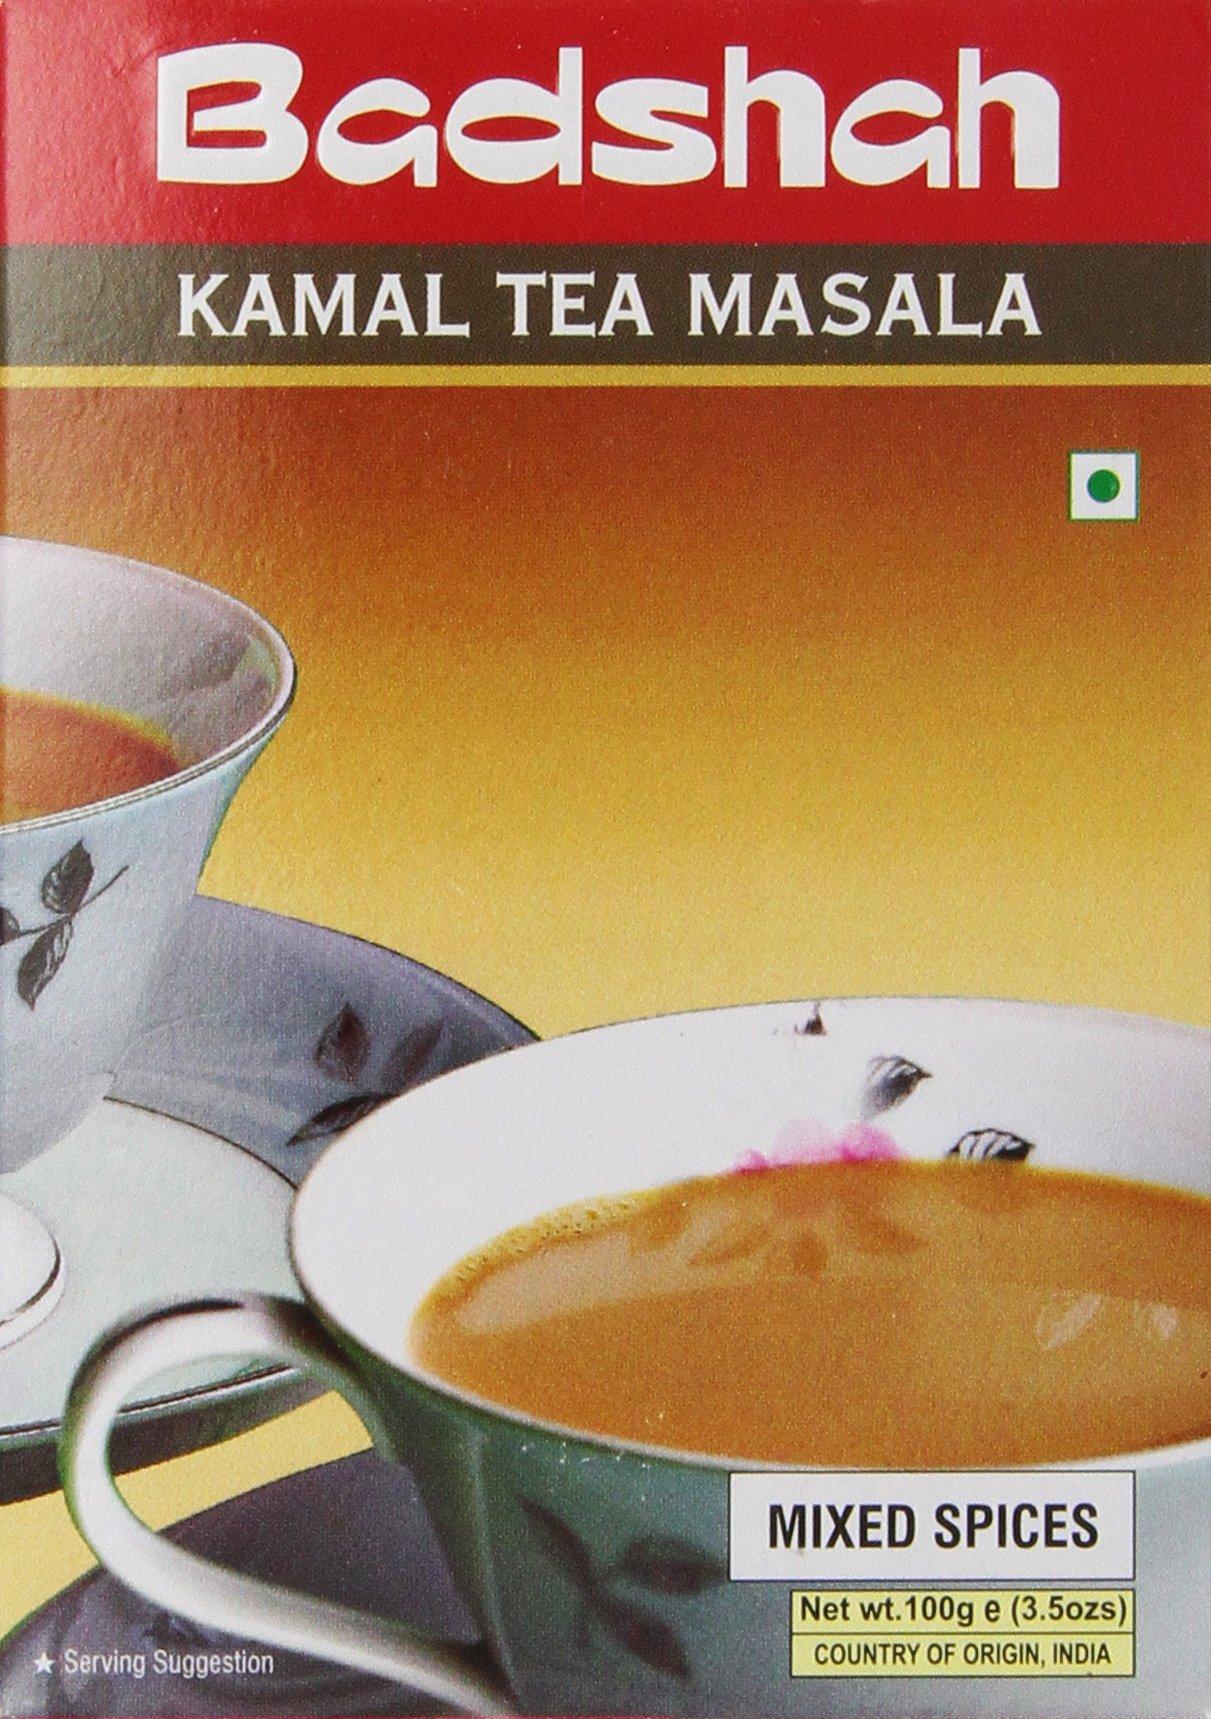 Badshah Masala, Kamal Tea, 3.5-Ounce Box (Pack of 12)